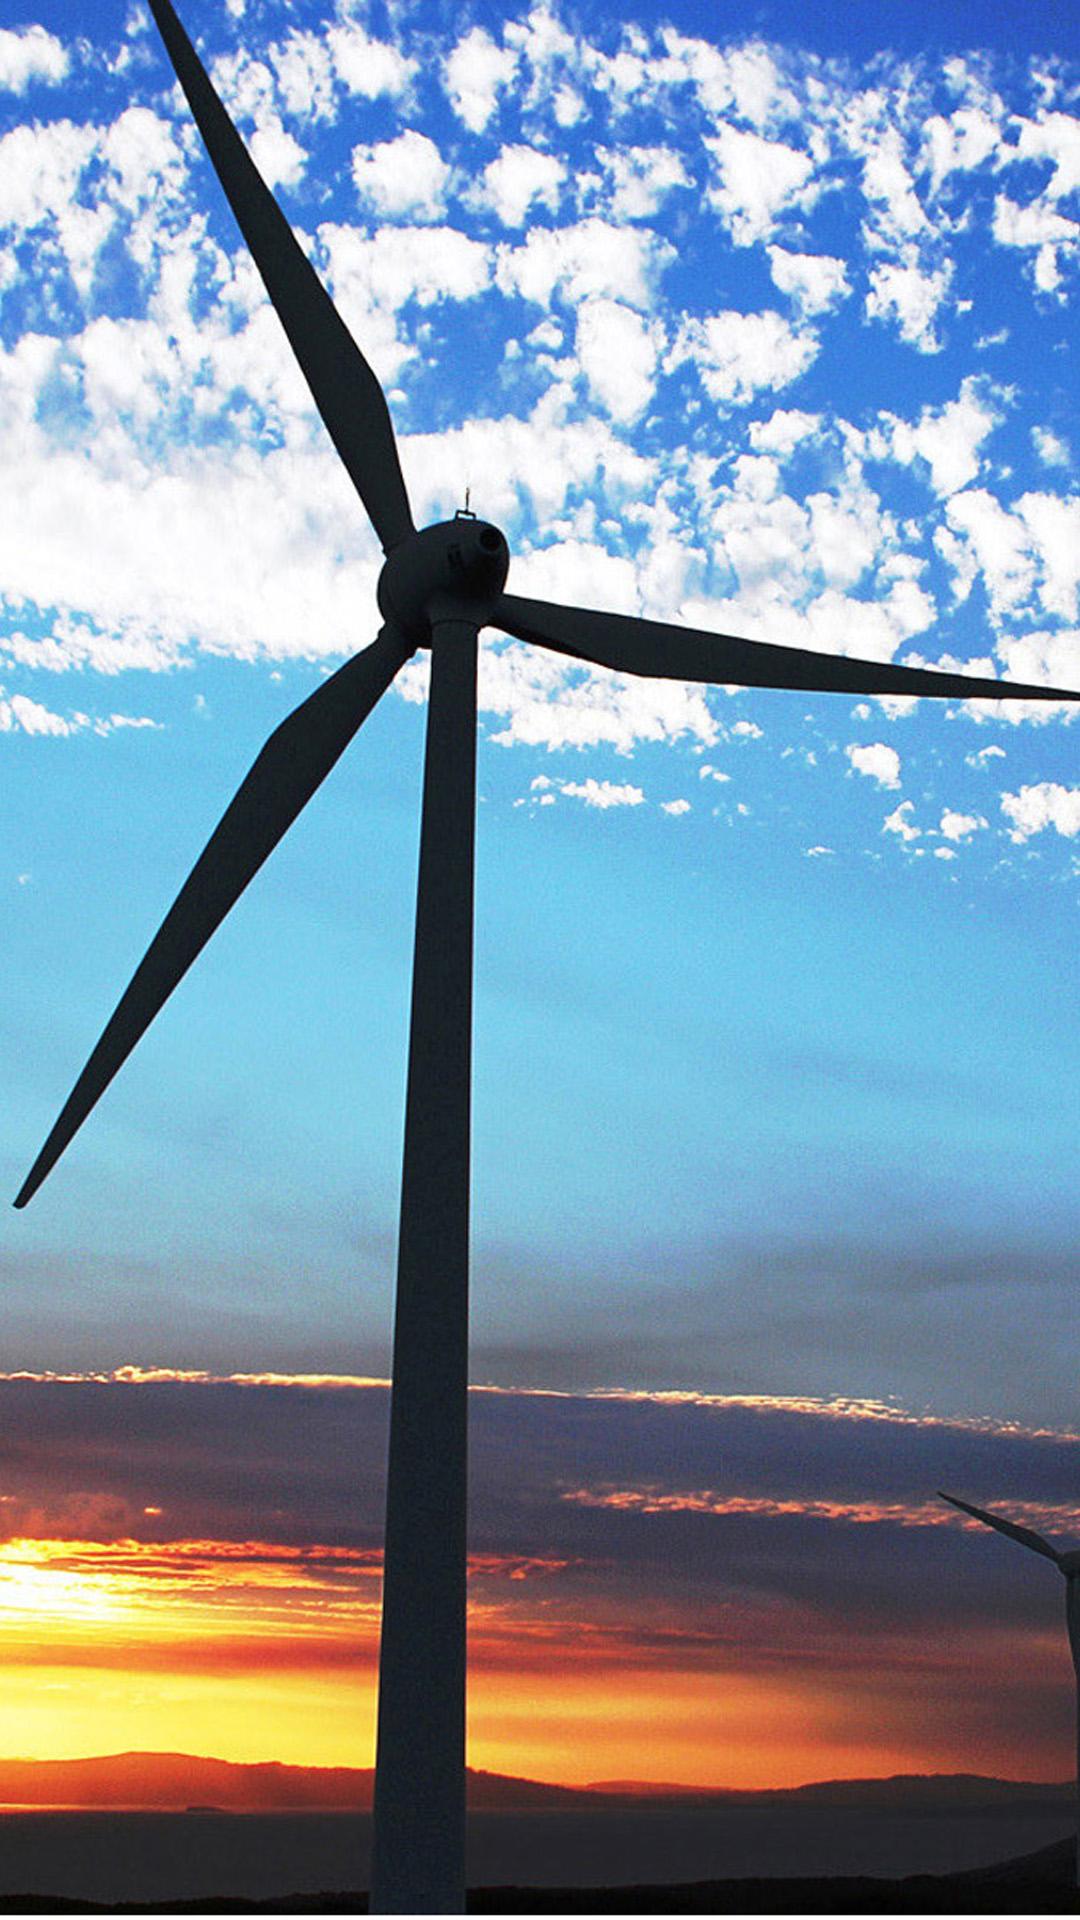 Wind Turbine Sky